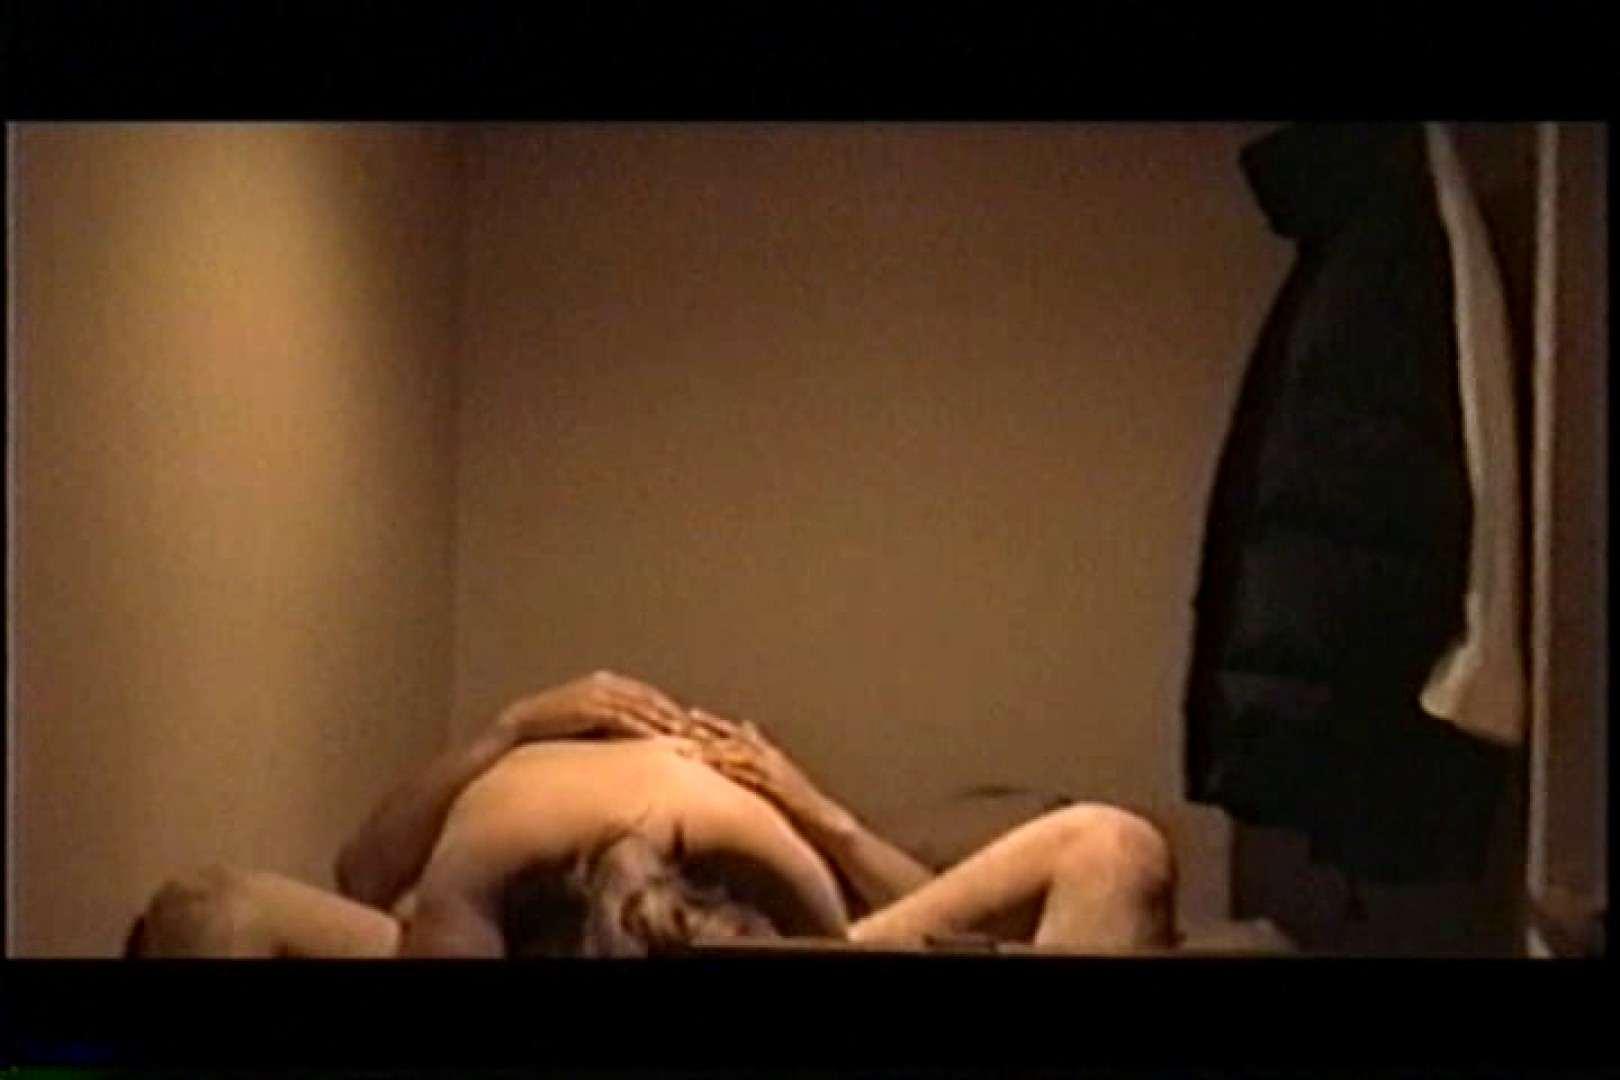 デリ嬢マル秘撮り本物投稿版② ギャル達のオマンコ | ギャルの乳首  55画像 24